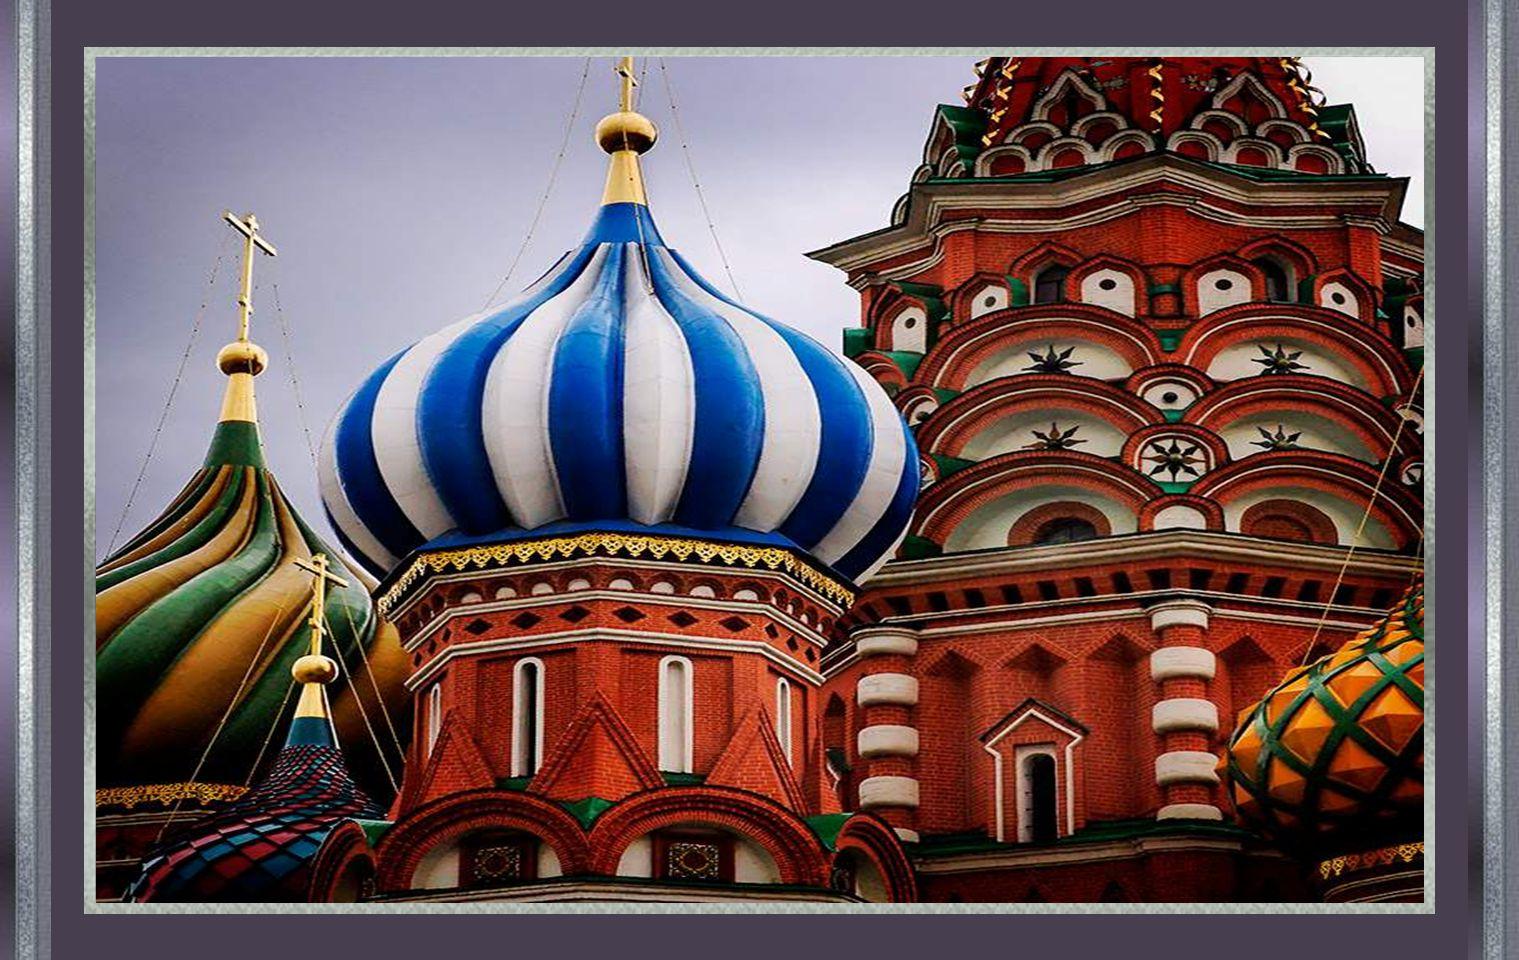 A legenda szerint, Ivan a kivitelezésért felelős építész Szemeit kiszúrattaon, hogy soha többé ne tudjon építeni hasonló, vagy szebb építményt. Accord